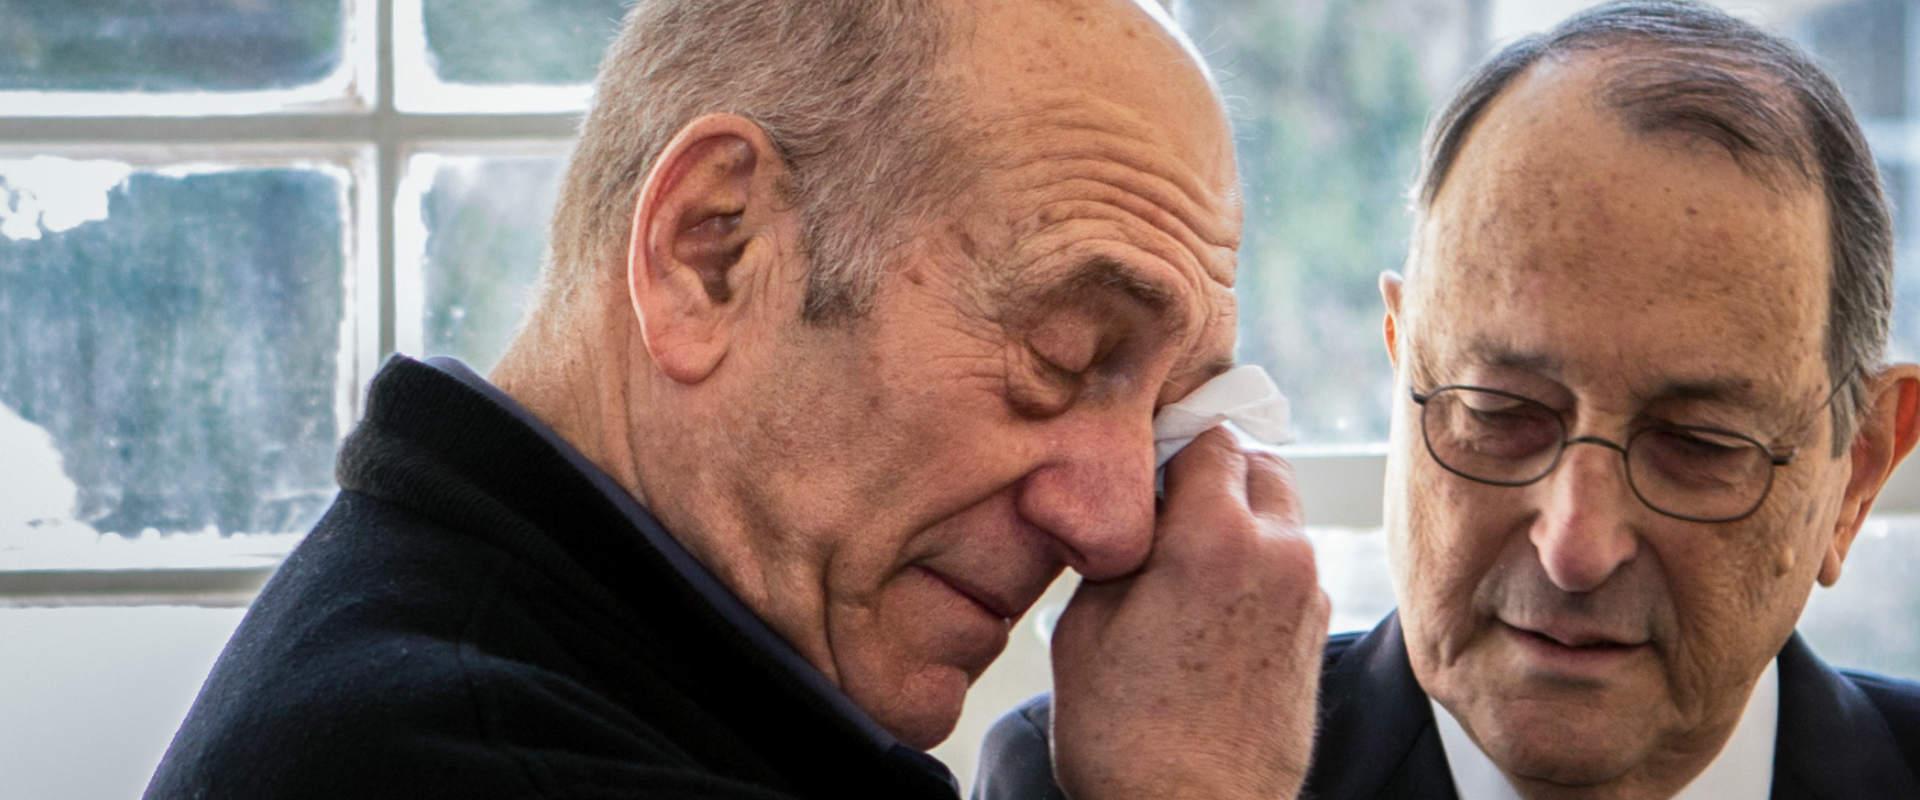 ראש הממשלה לשעבר אהוד אולמרט לצד פרקליטו אלי זוהר,